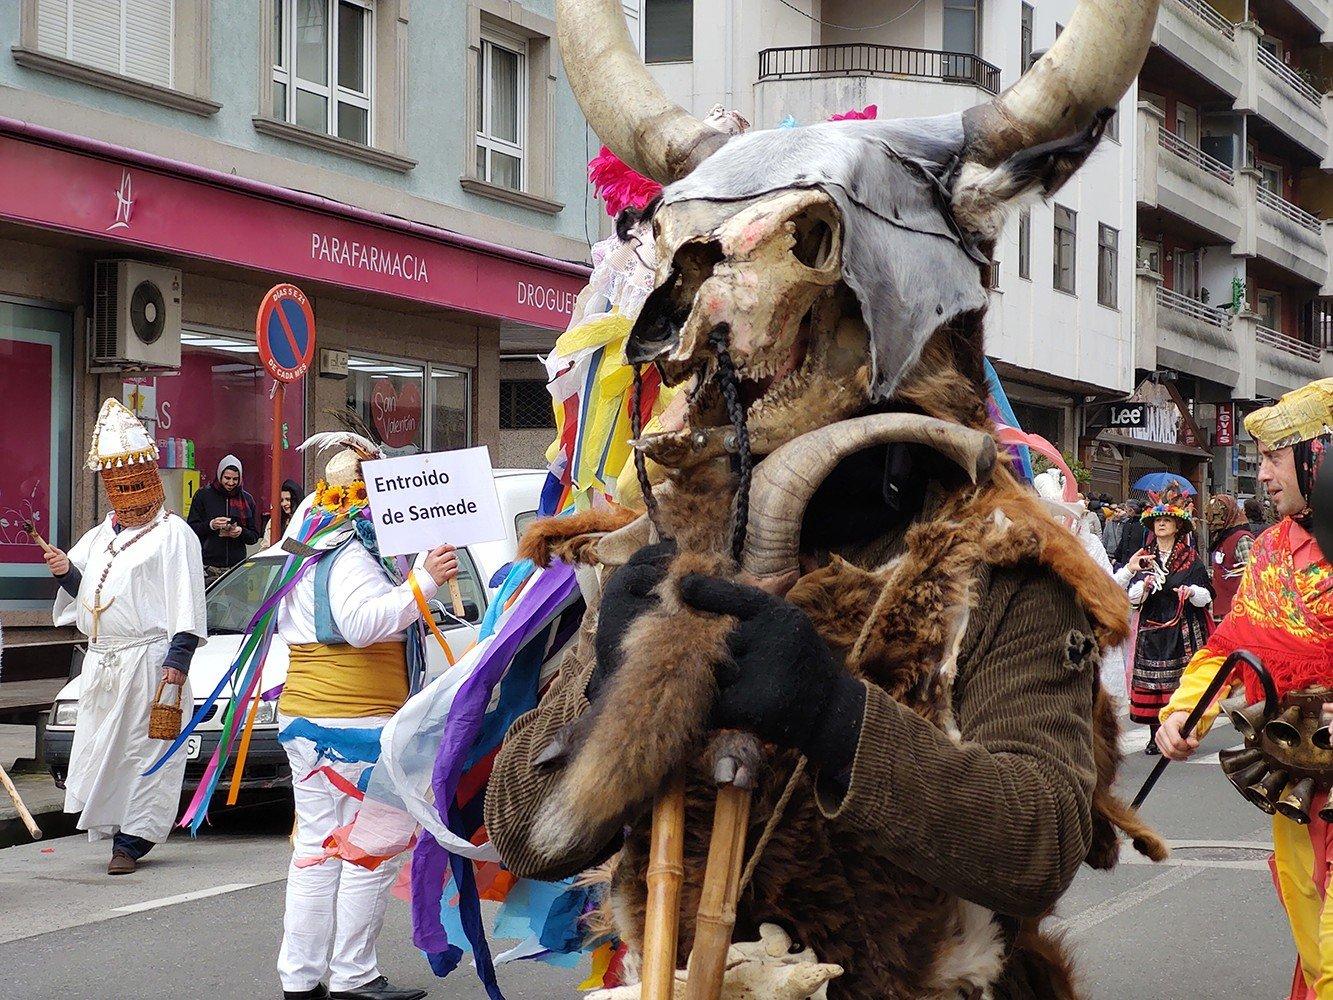 Entroido Ribeirao Chantada, Fiestas de Galicia